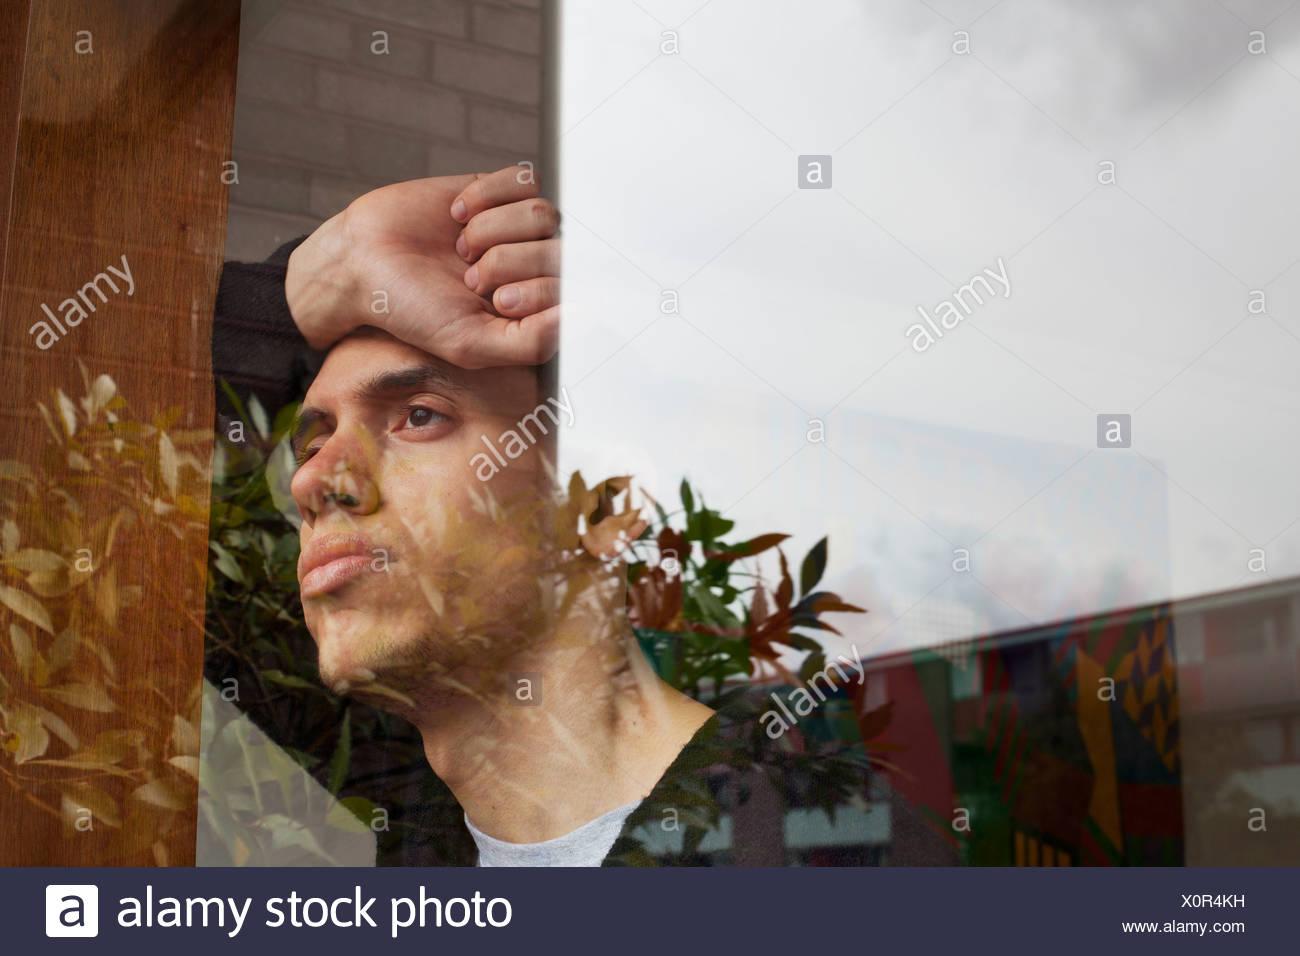 Jeune homme avec la main sur la tête, à la recherche d'une fenêtre Photo Stock